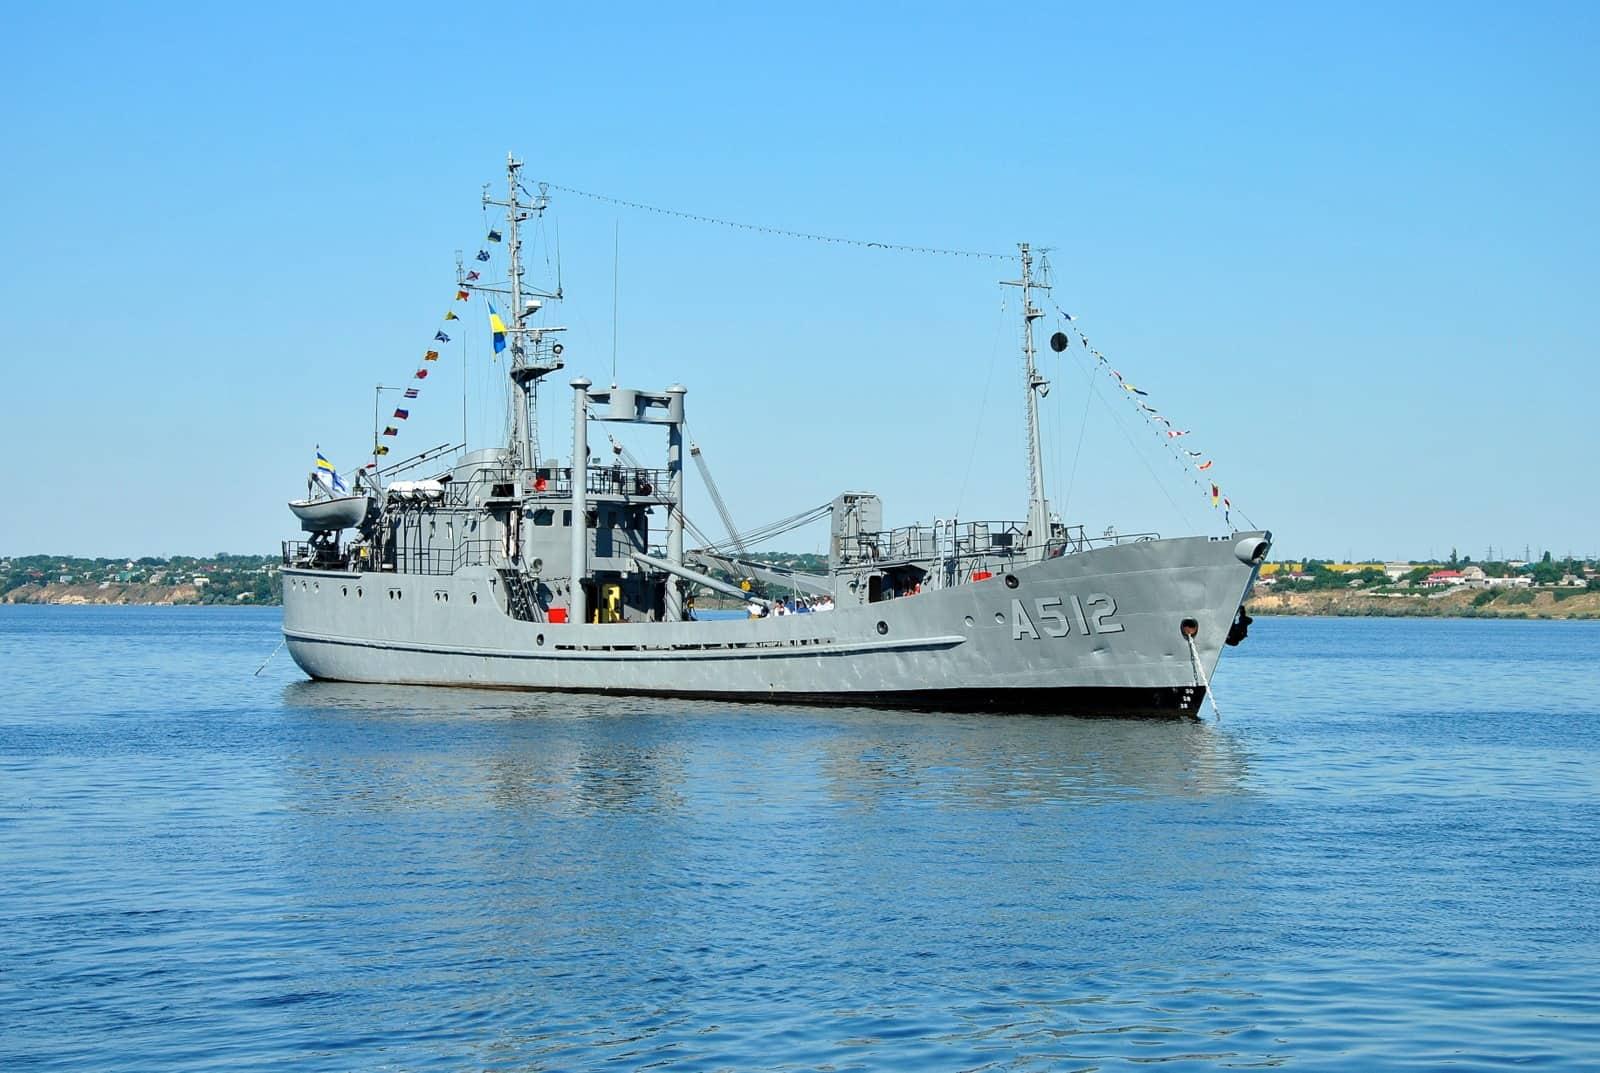 Малий розвідувальний корабель Переяслав (A512)